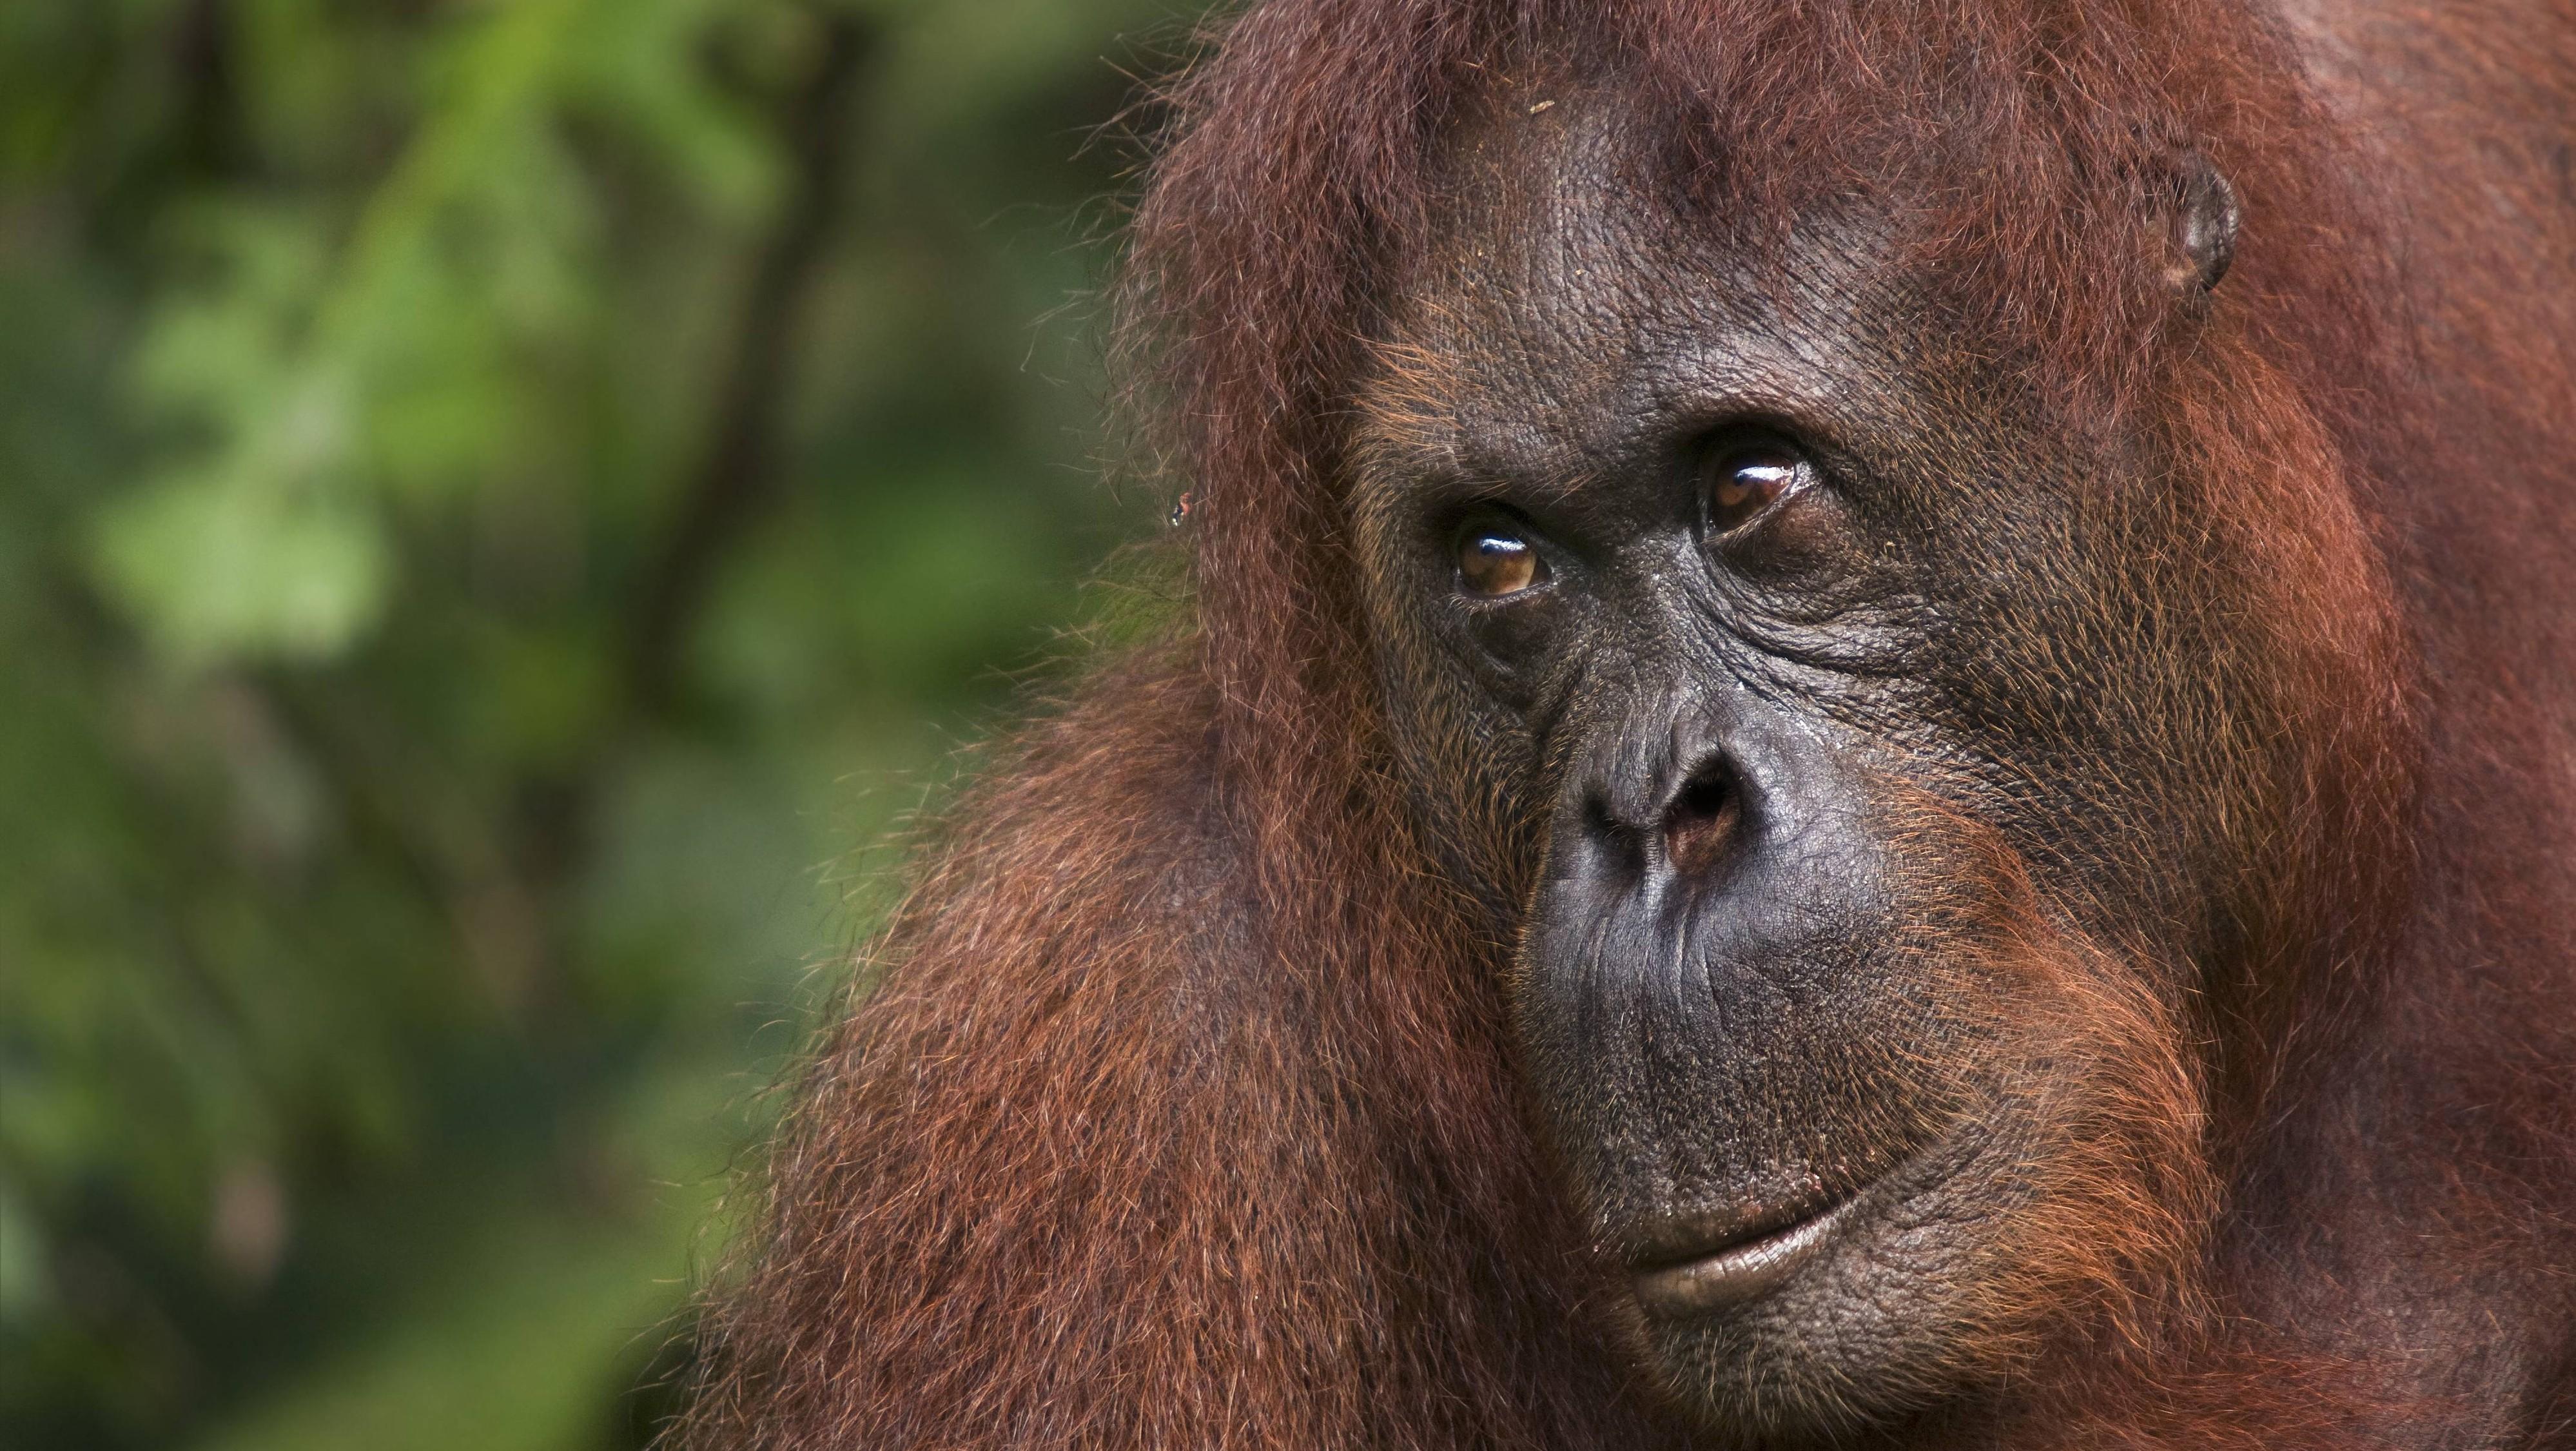 Rührendes Bild. So will ein Orang-Utan seinem Beschützer helfen